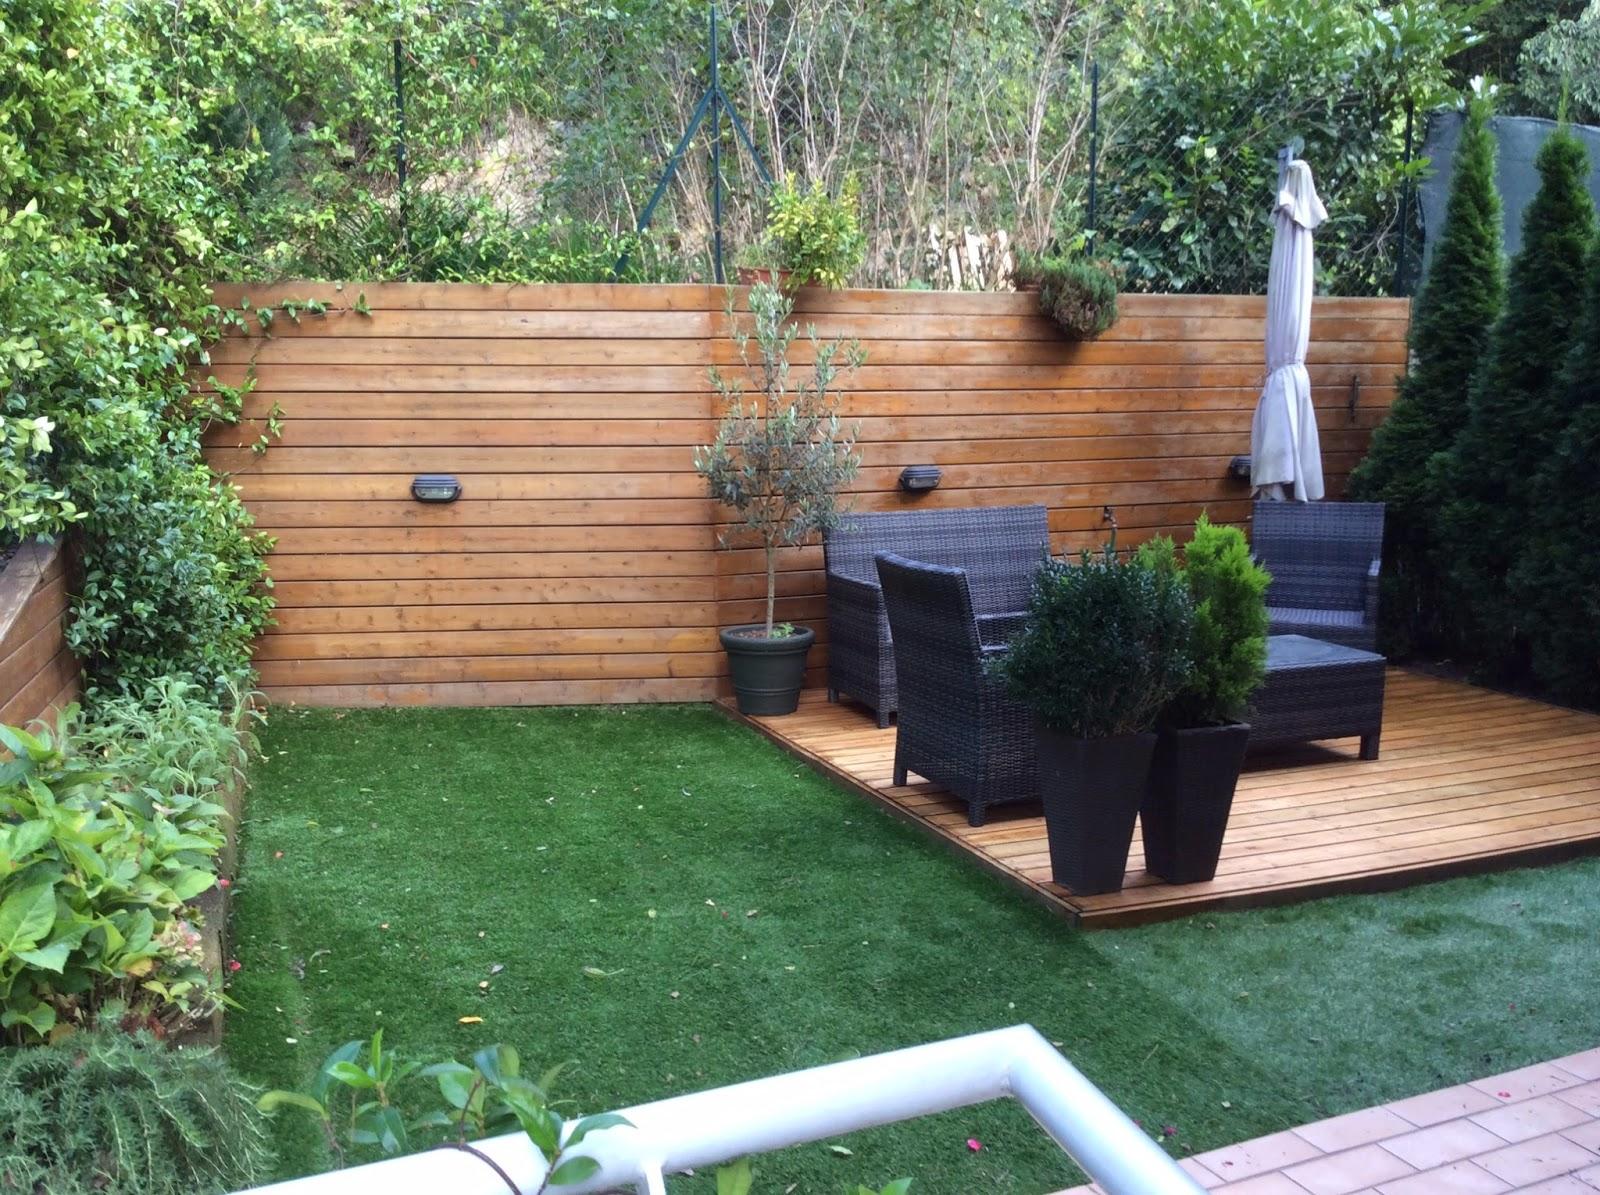 Bellissimo appartamento a lizzanella giardino con pedana in legno e rivestimento a parete - Rivestire parete con legno ...